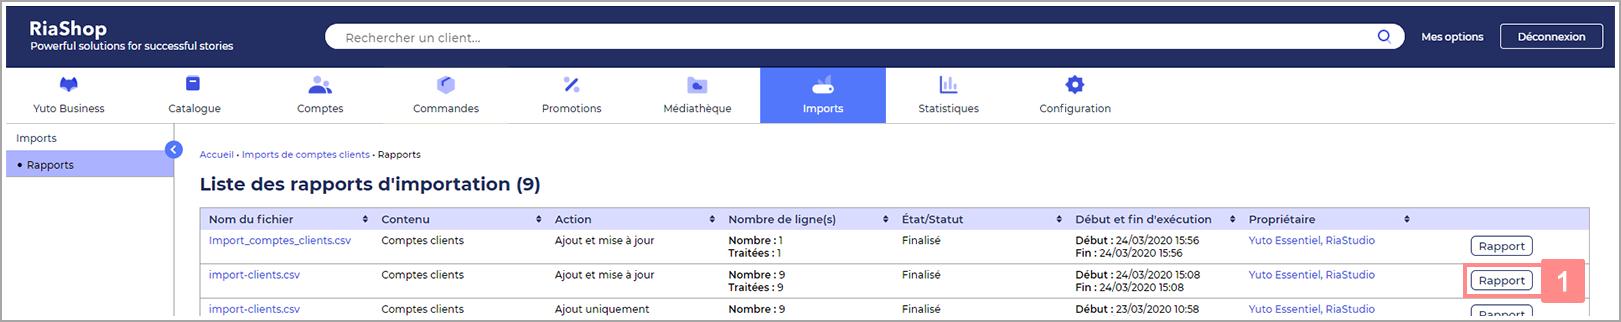 Rapport d'import dans RiaShop - Aide Yuto Business